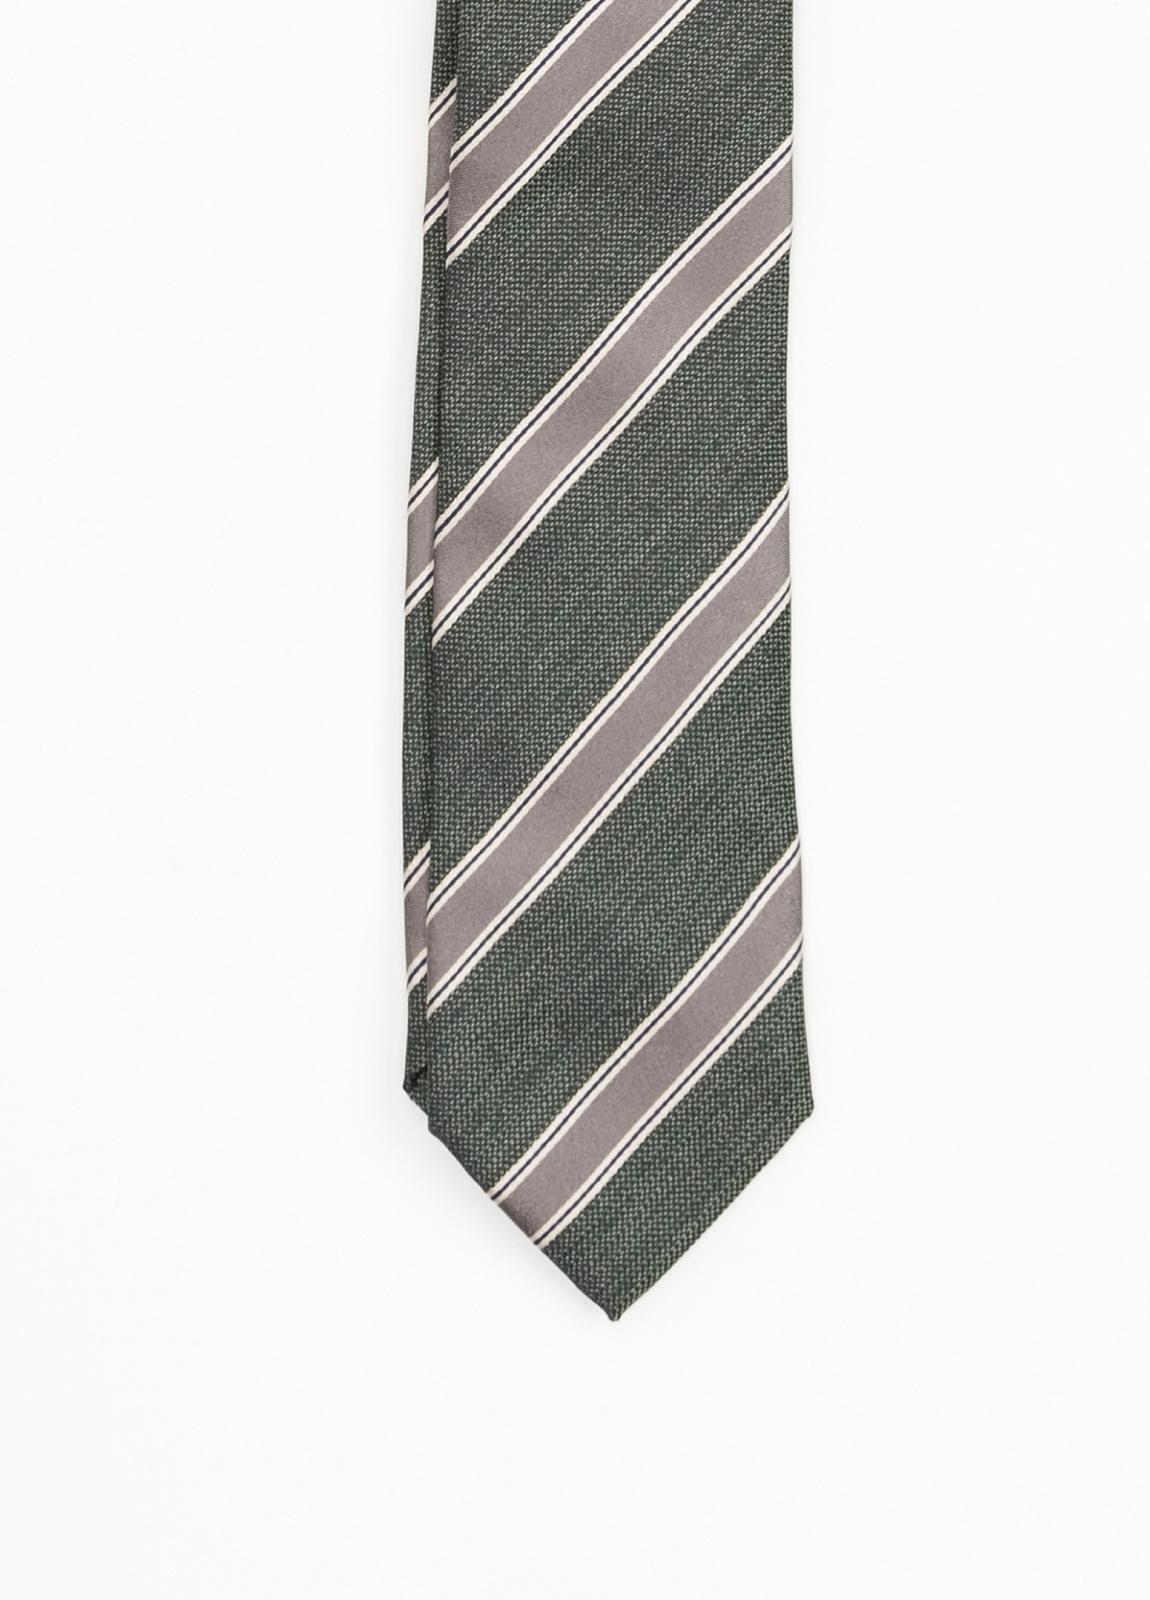 Corbata Formal Wear rayas diagonales, color verde. Pala 7,5 cm. 100% Seda. - Ítem1